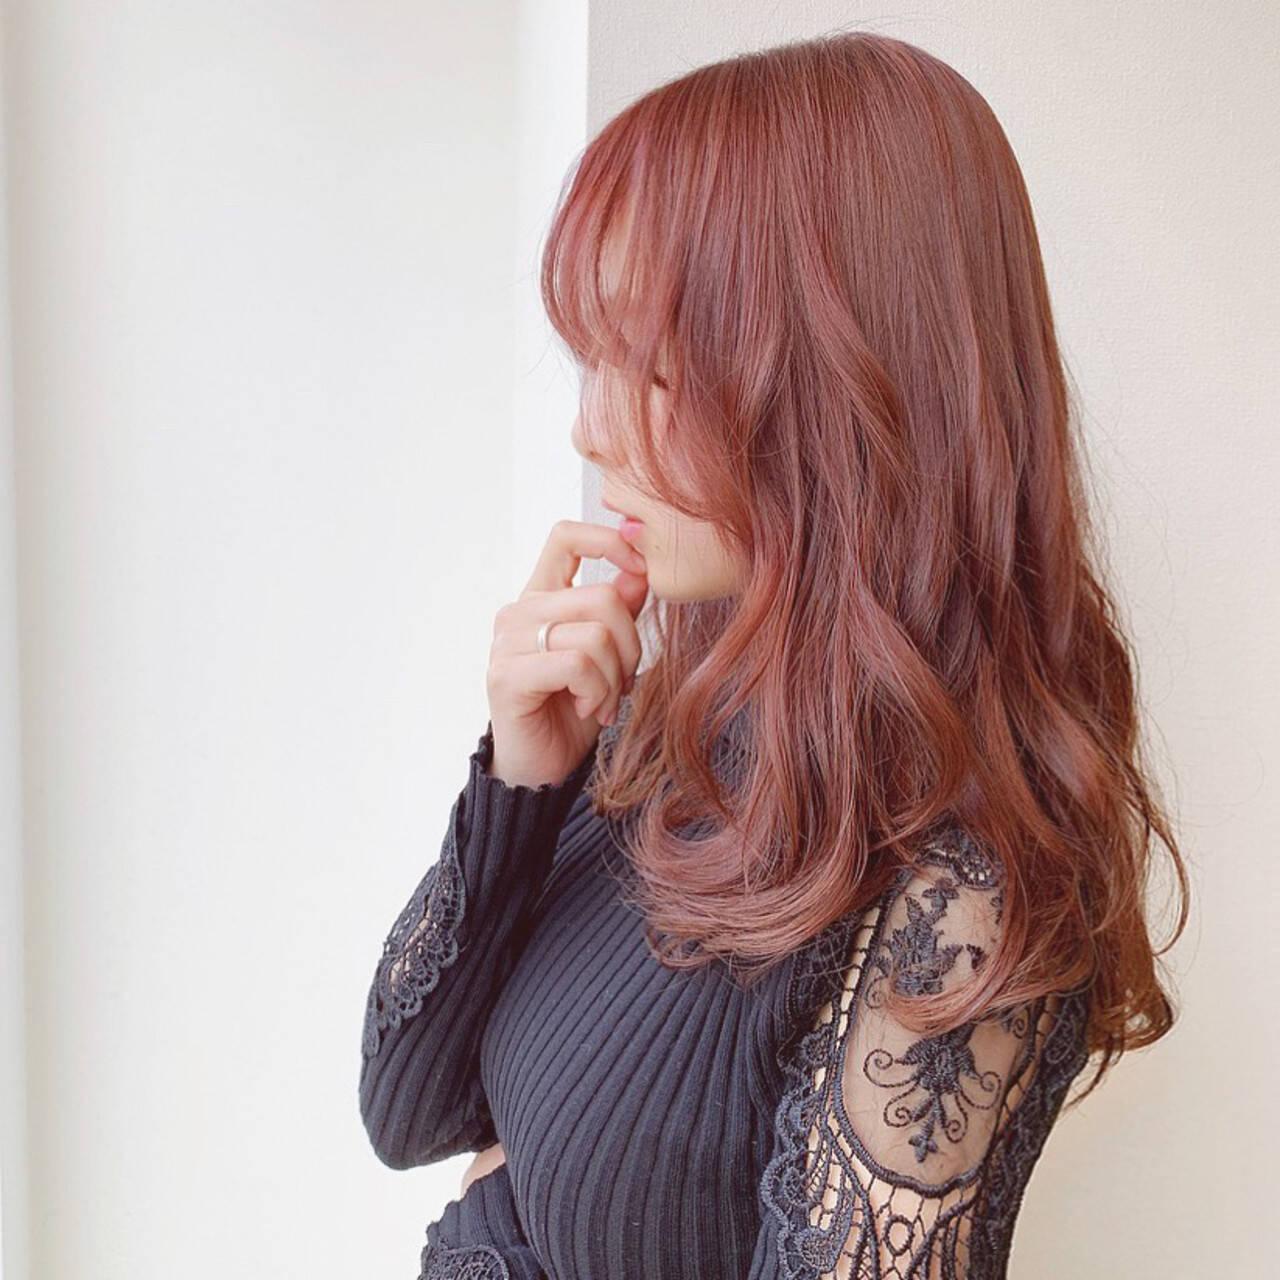 ラズベリーピンク セミロング ピンク 大人可愛いヘアスタイルや髪型の写真・画像